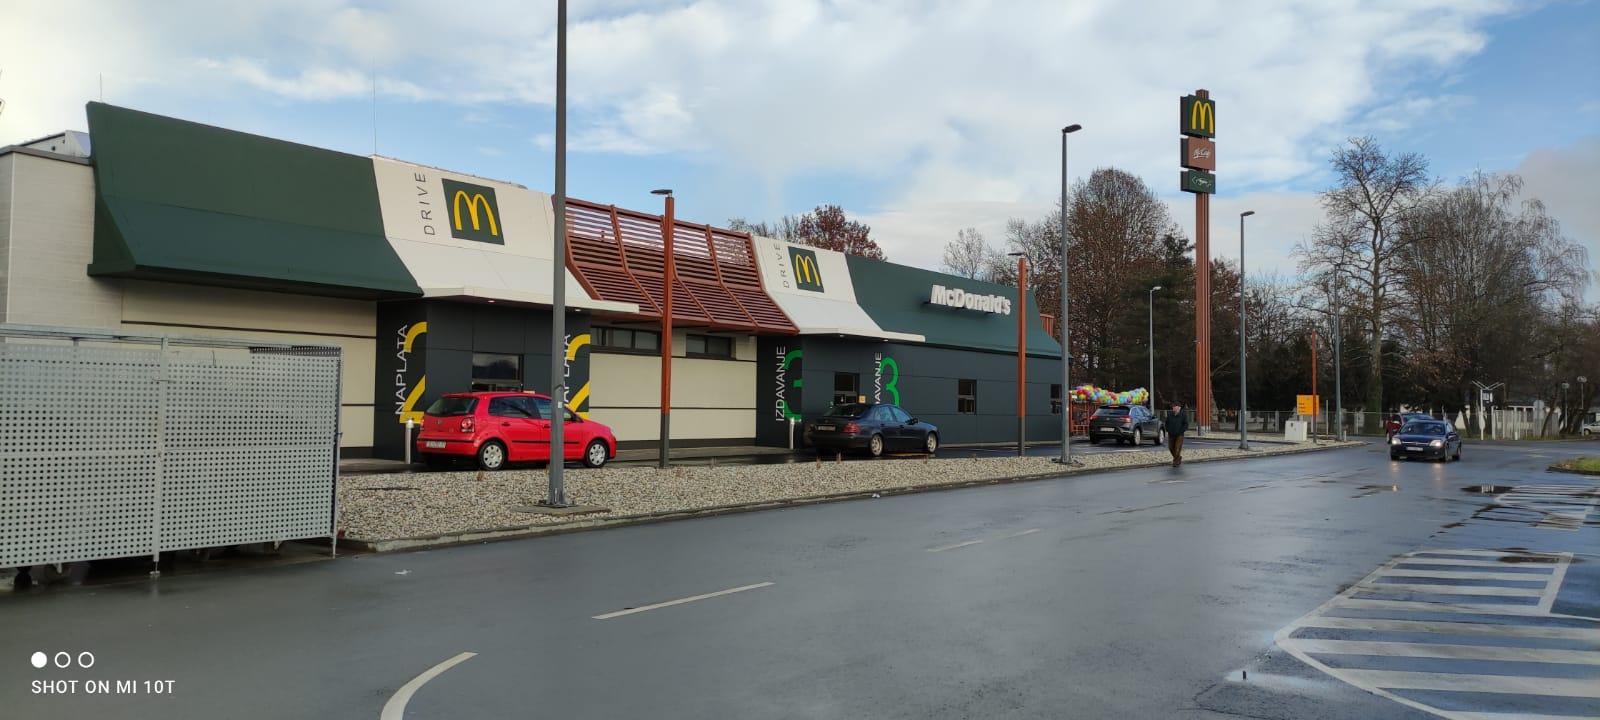 McDonald's (7)